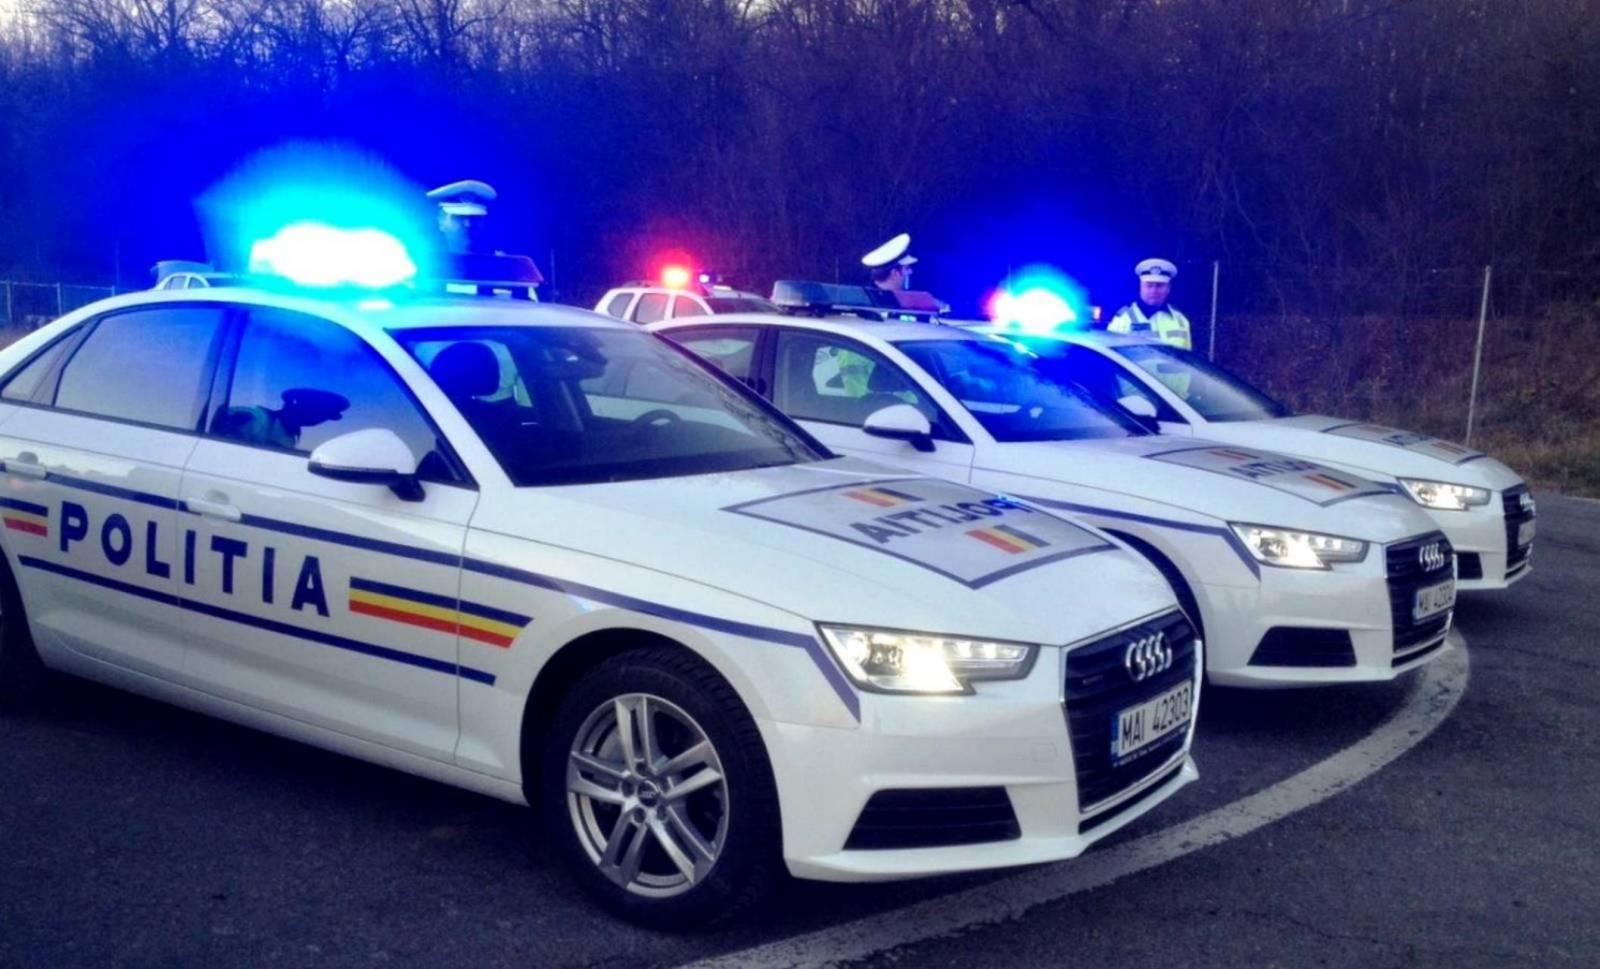 Politia Romana control trafic